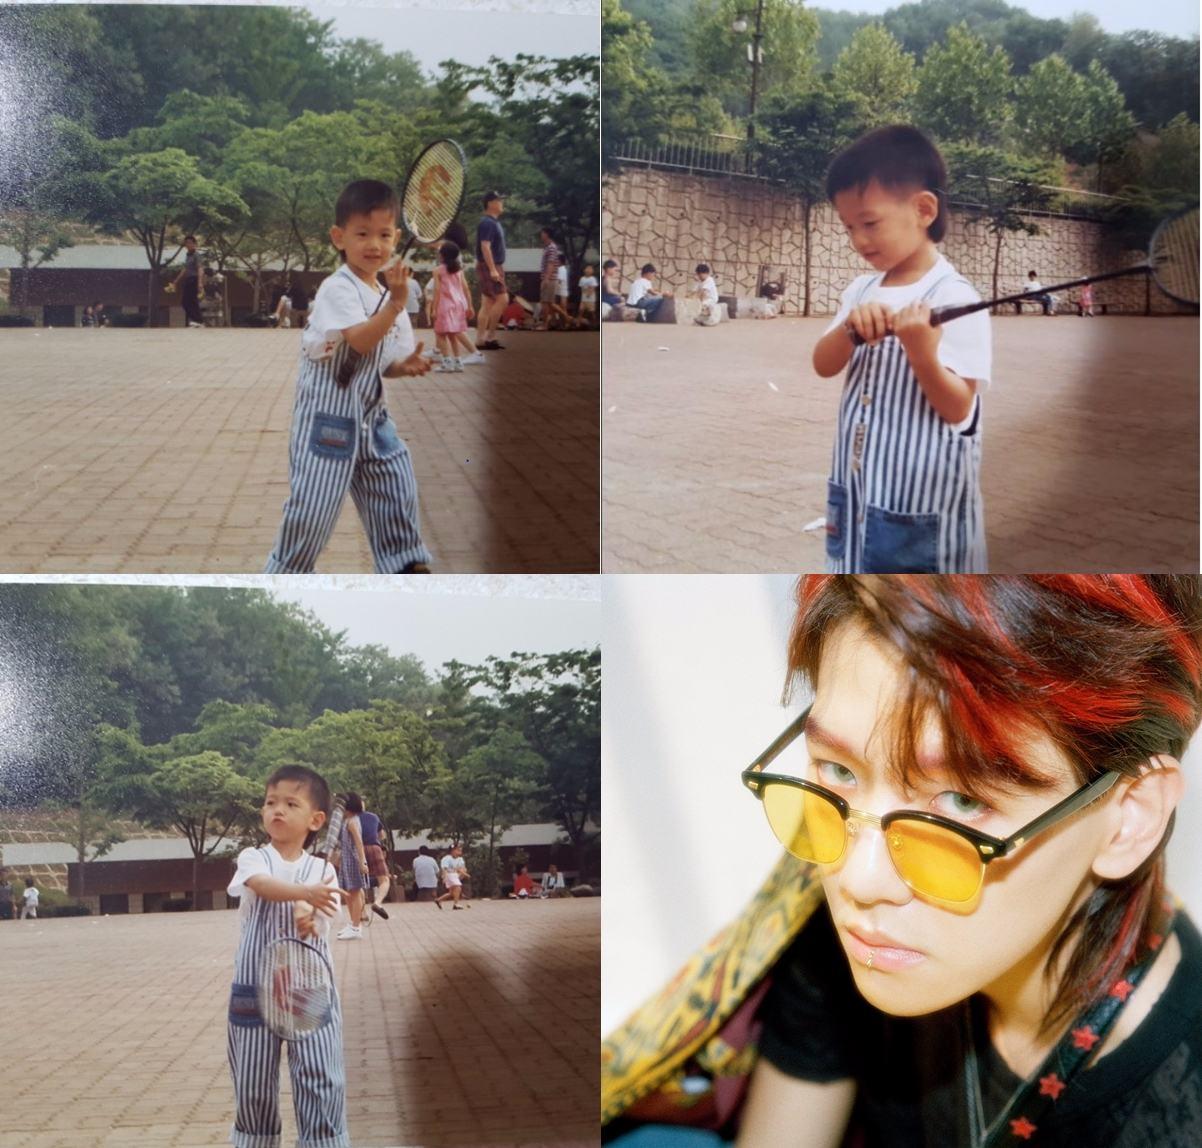 而EXO的伯賢也在最近公開了小時候的照片,原來伯賢小時候就走在時尚的尖端啊!竟剪了個跟《Ko Ko Bop》時期一樣的髮型呢! 不過伯賢也是一點都沒變啊!